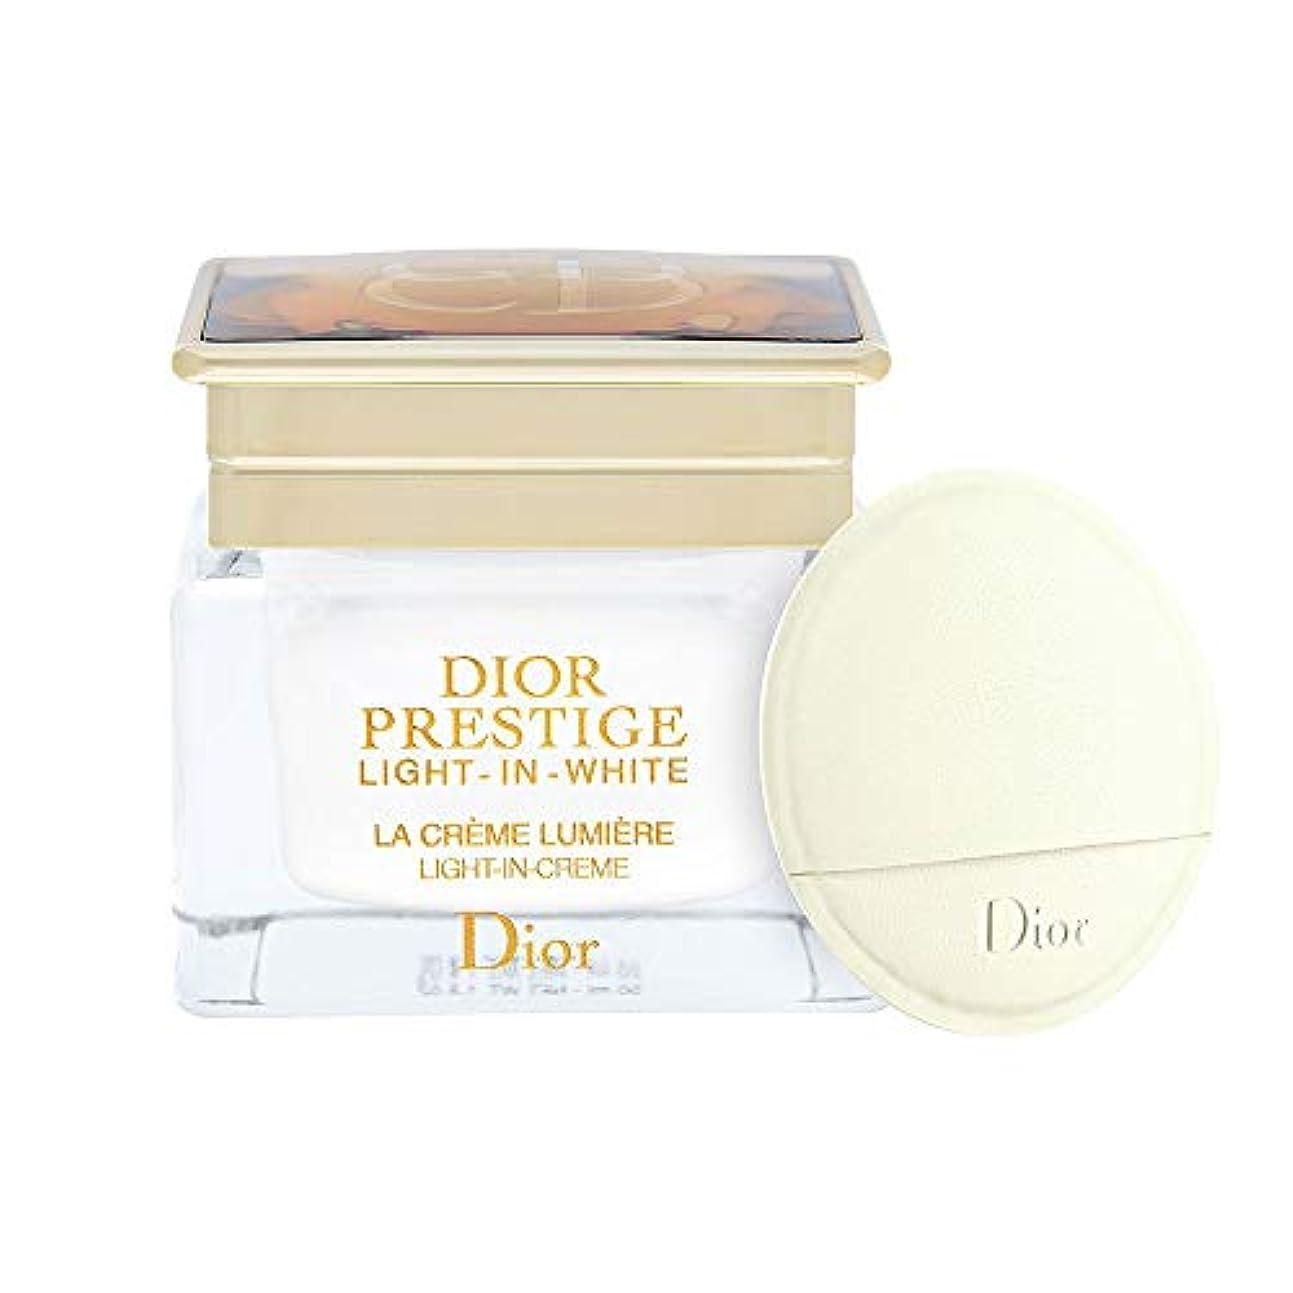 カーフ極めて読み書きのできないディオール(Dior) プレステージ ホワイト ラ クレーム ルミエール 50ml [並行輸入品]